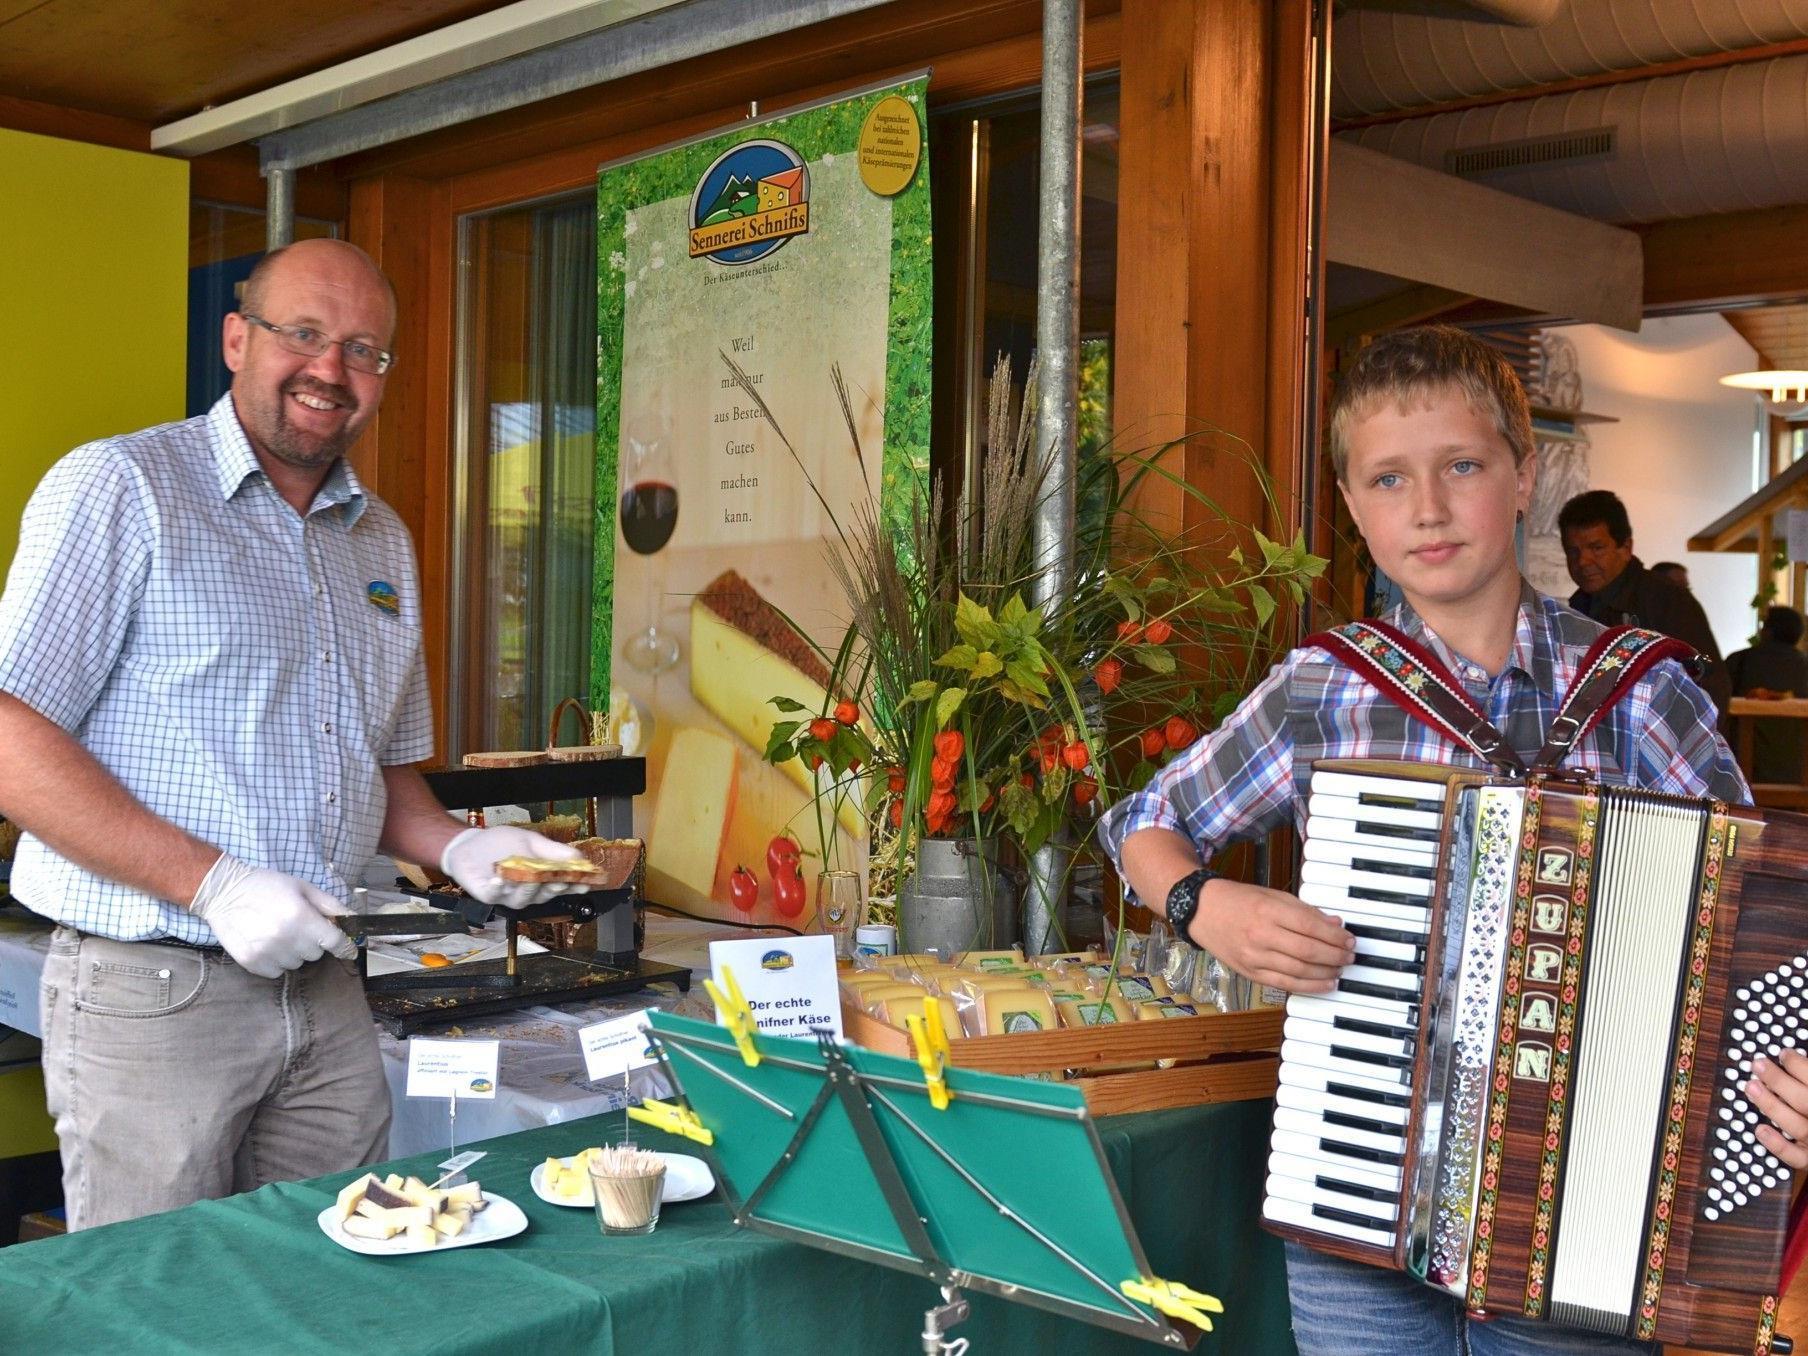 Viel Musik und Köstlichkeiten aus der Region gibt es beim Dreiklang-Christkindlemarkt.